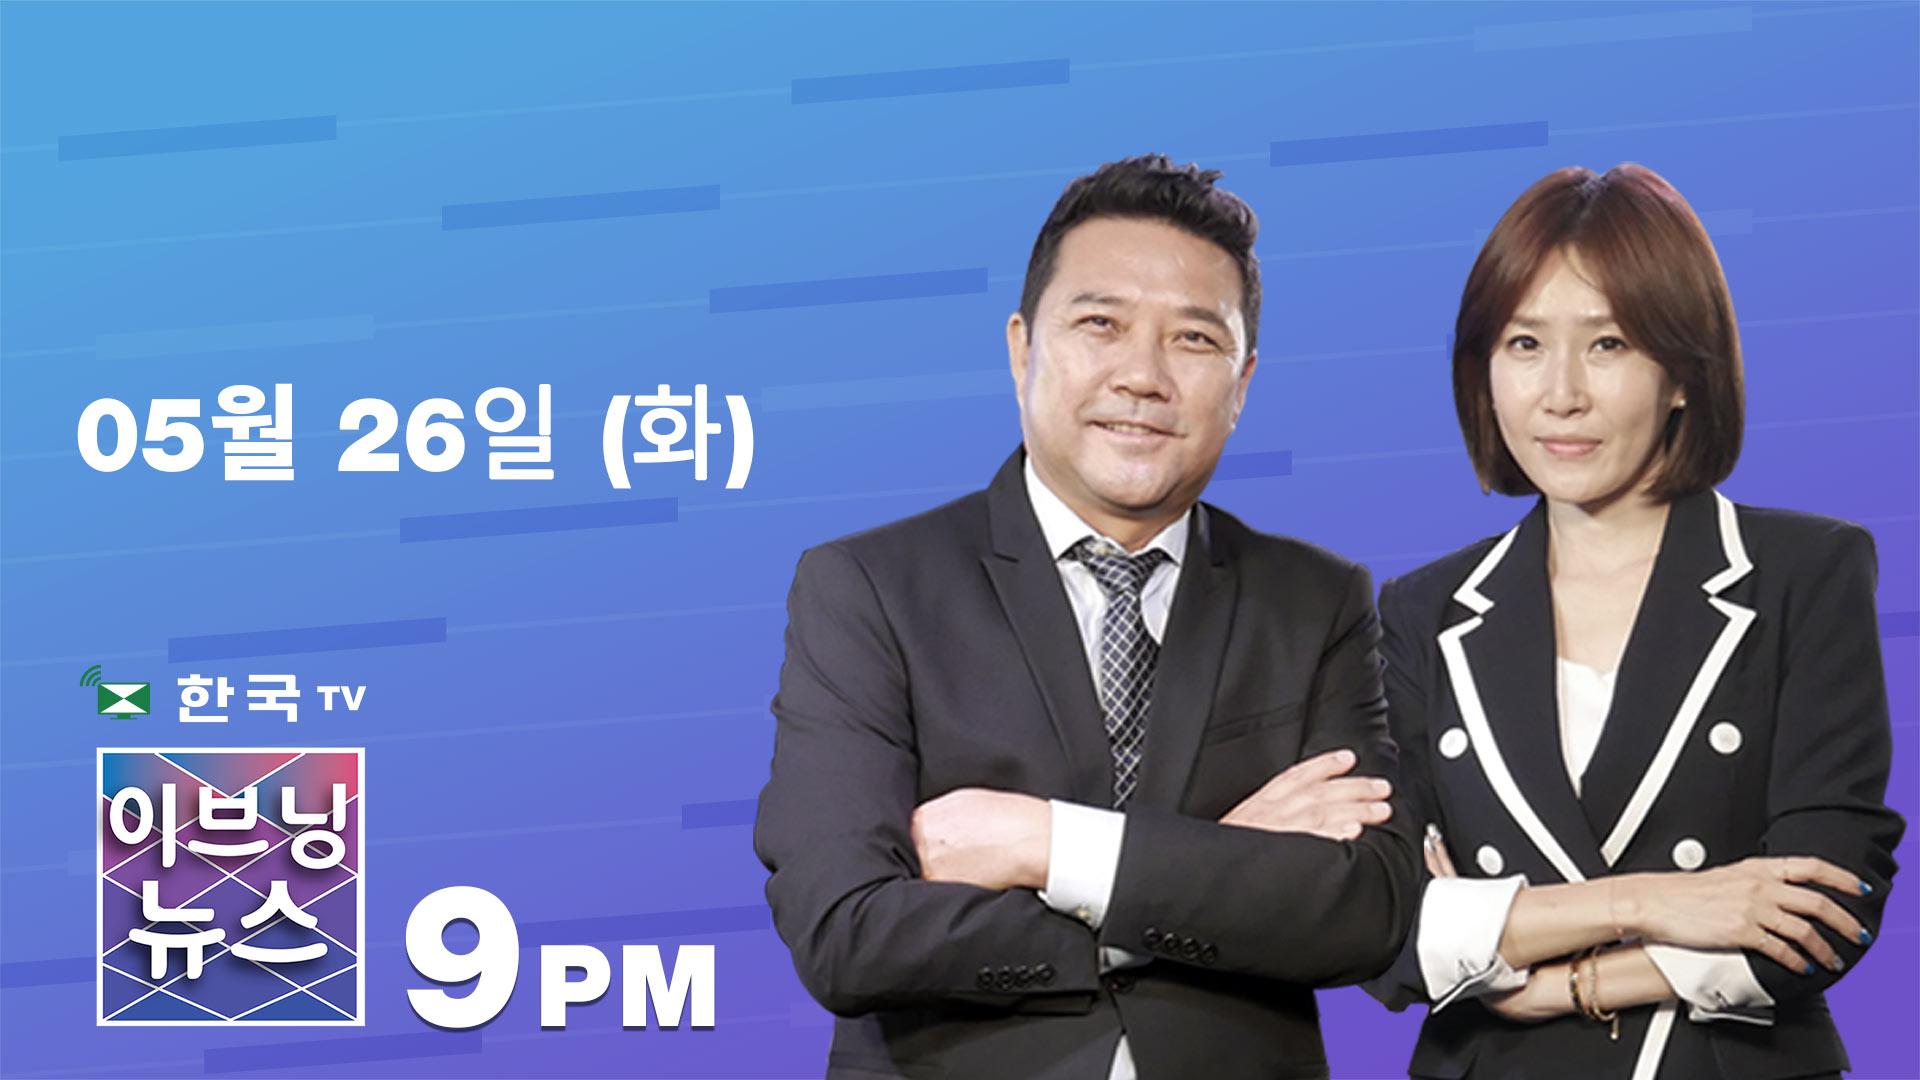 (05.26.2020) 한국TV 이브닝 뉴스